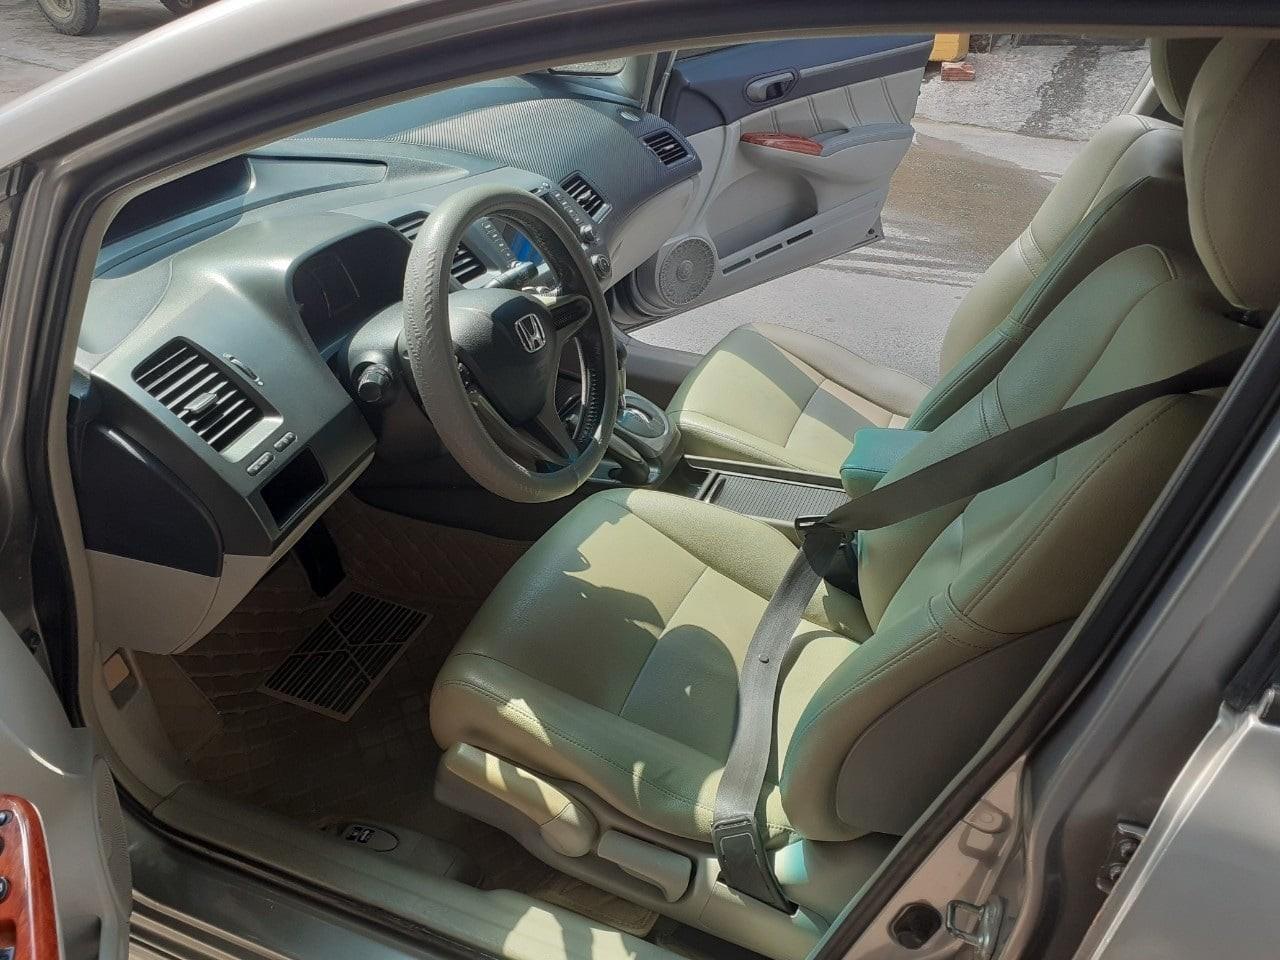 Nhà Cần Bán Honda Civic 2008, màu xám, số tự động